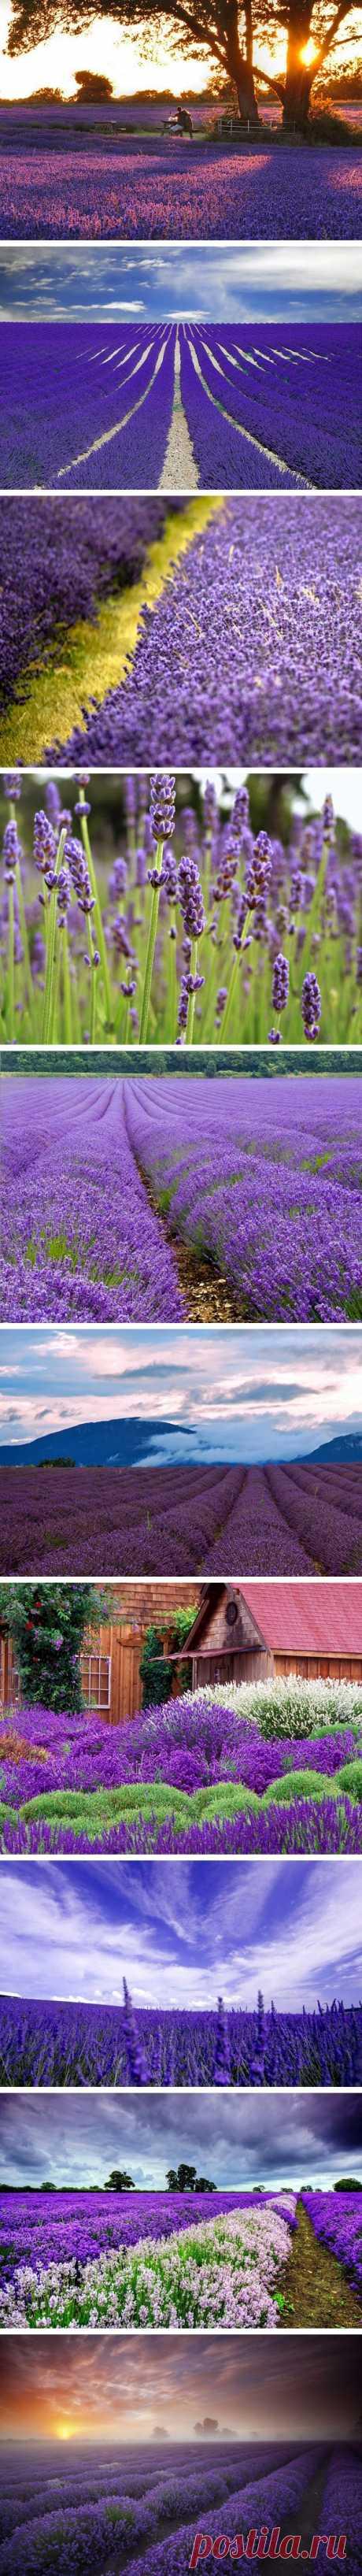 Лавандовые поля Прованса, Франция